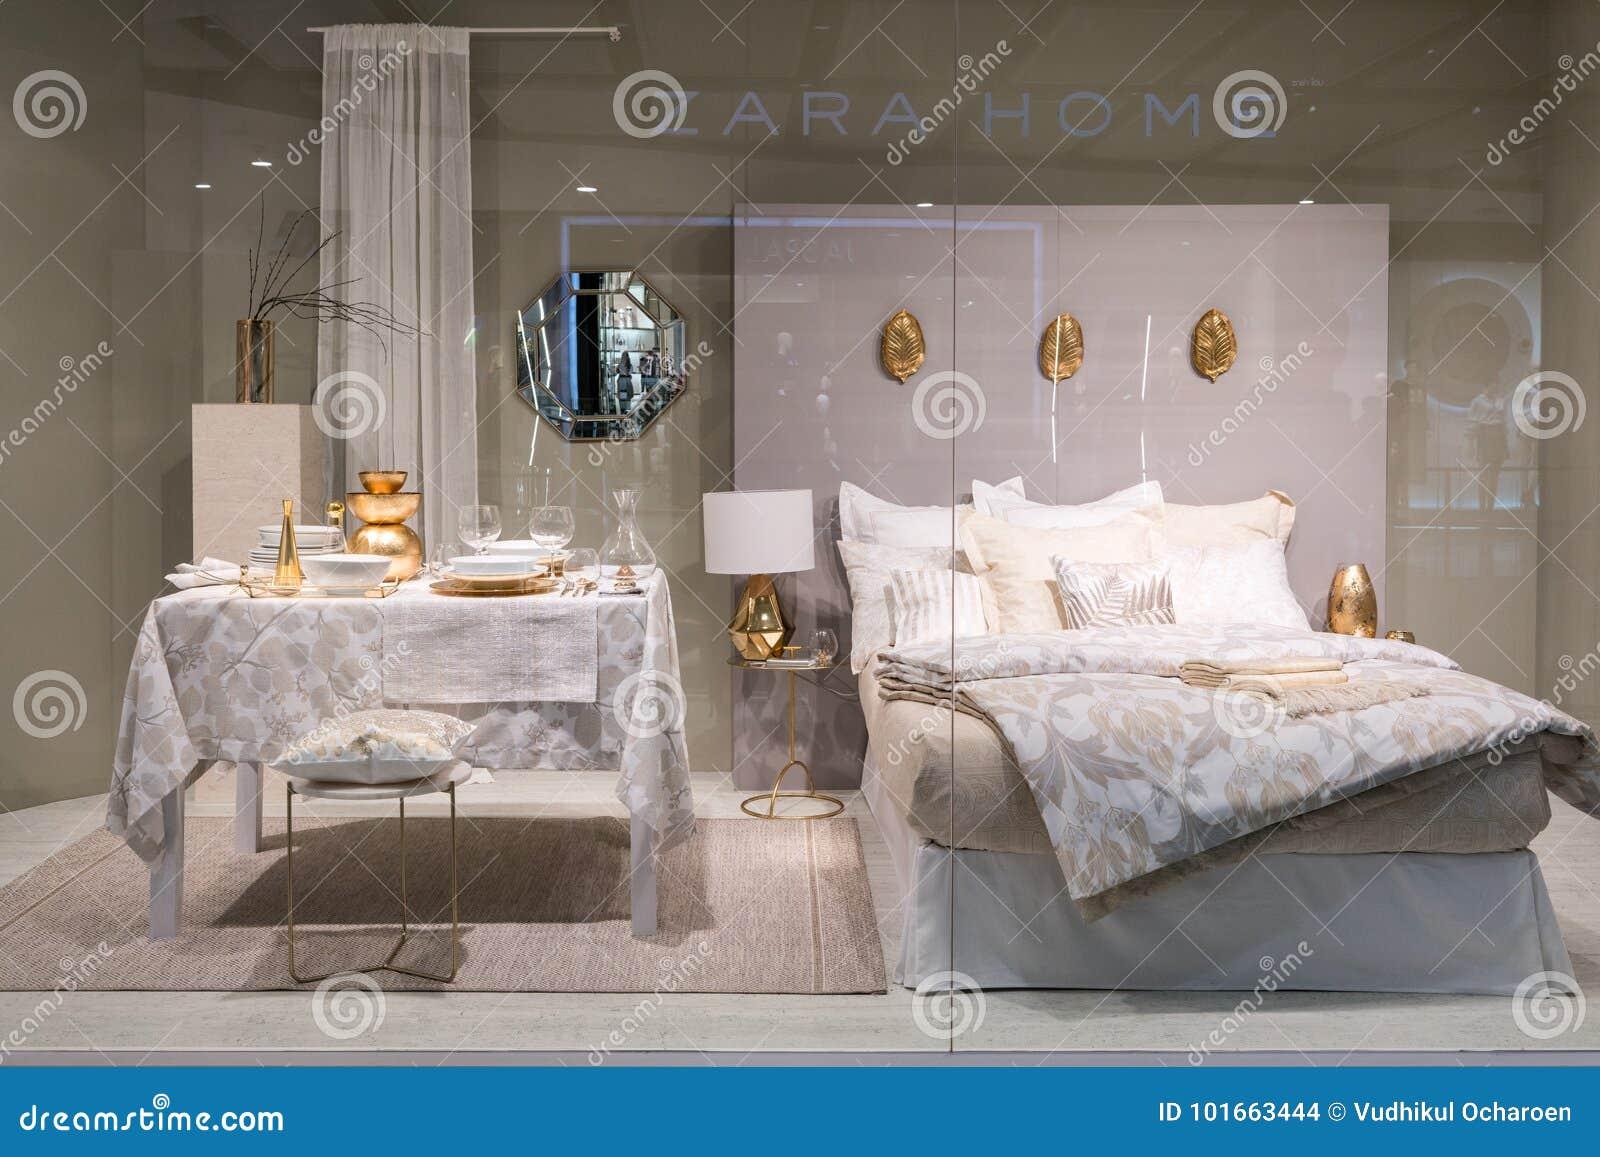 f37160e0b54d Zara Home Shop At Emquatier